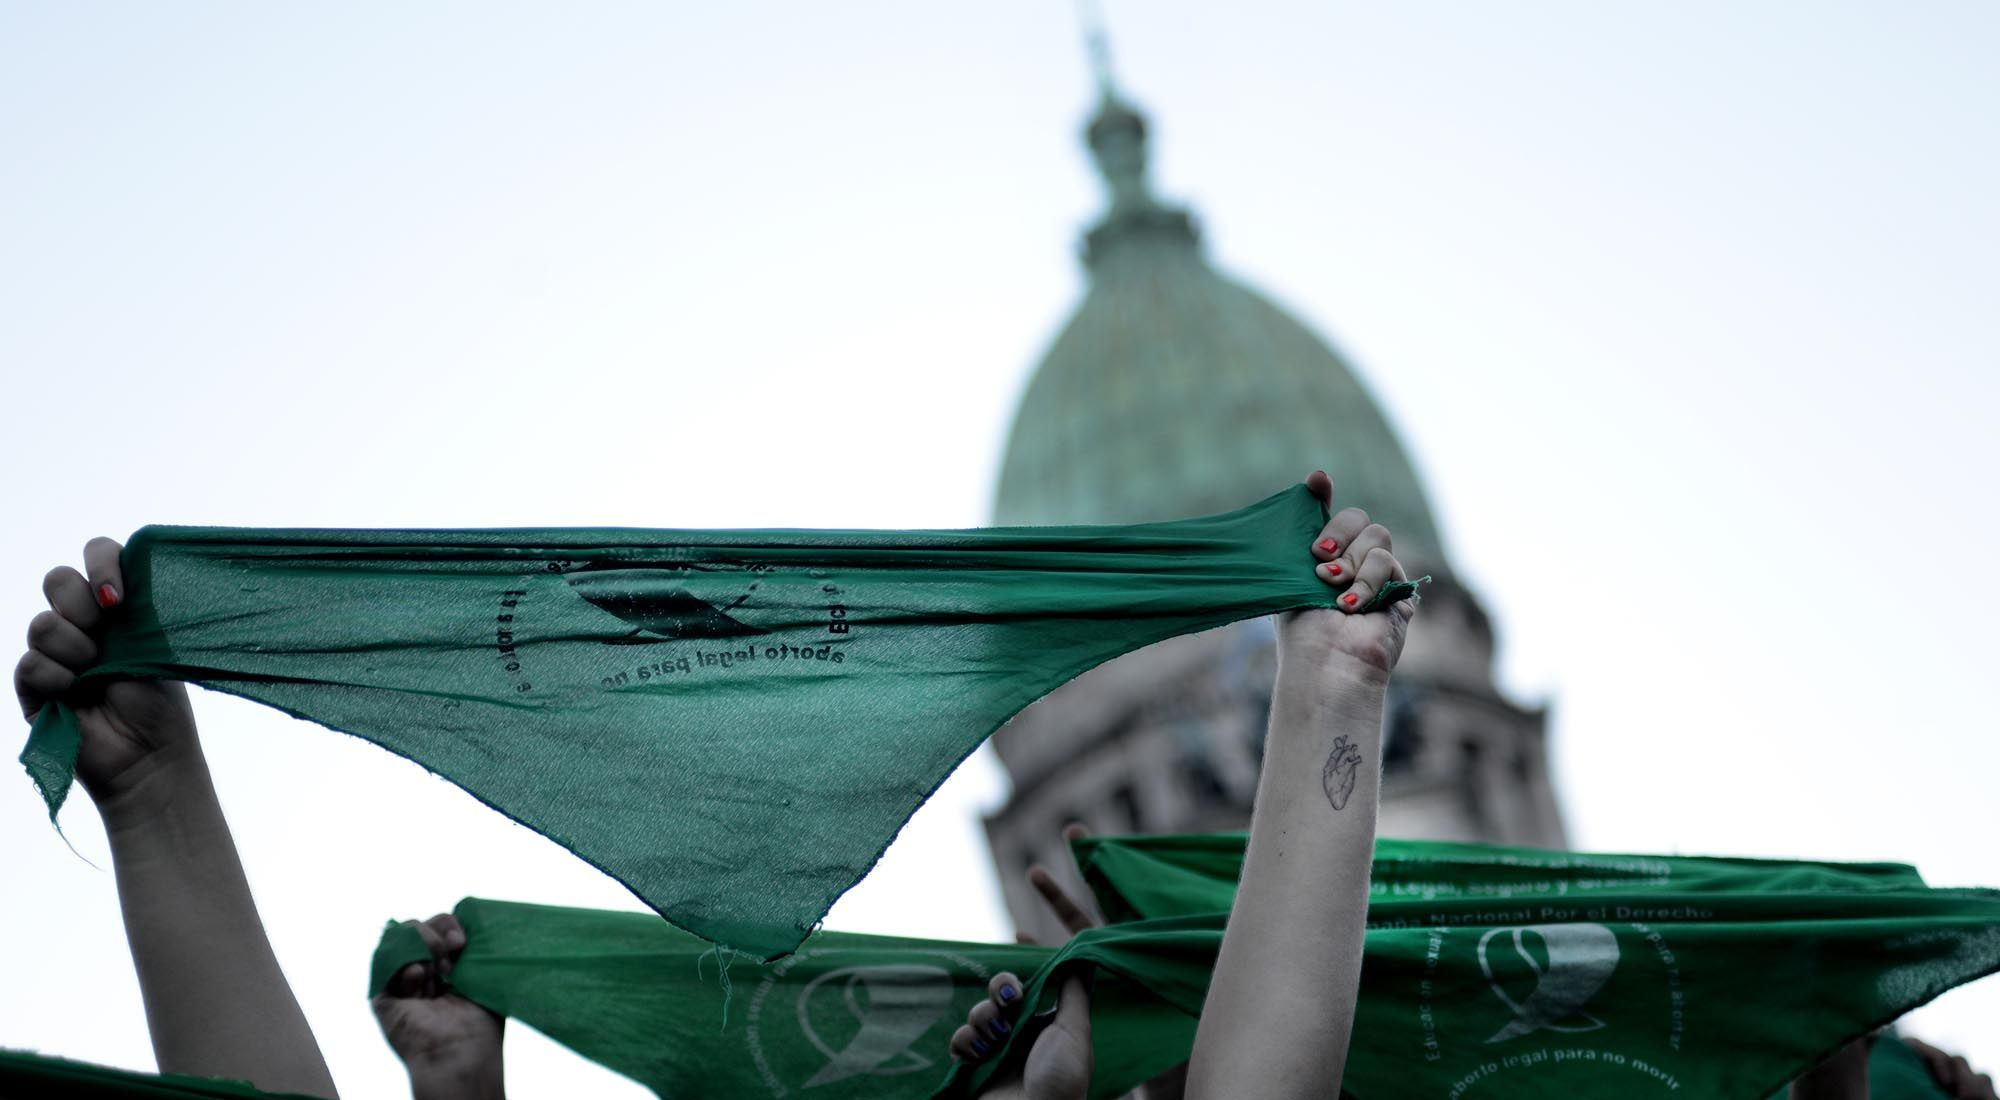 Manifestaciones a favor del Aborto legal, gratuito y seguro en la Ciudad de Buenos Aires.